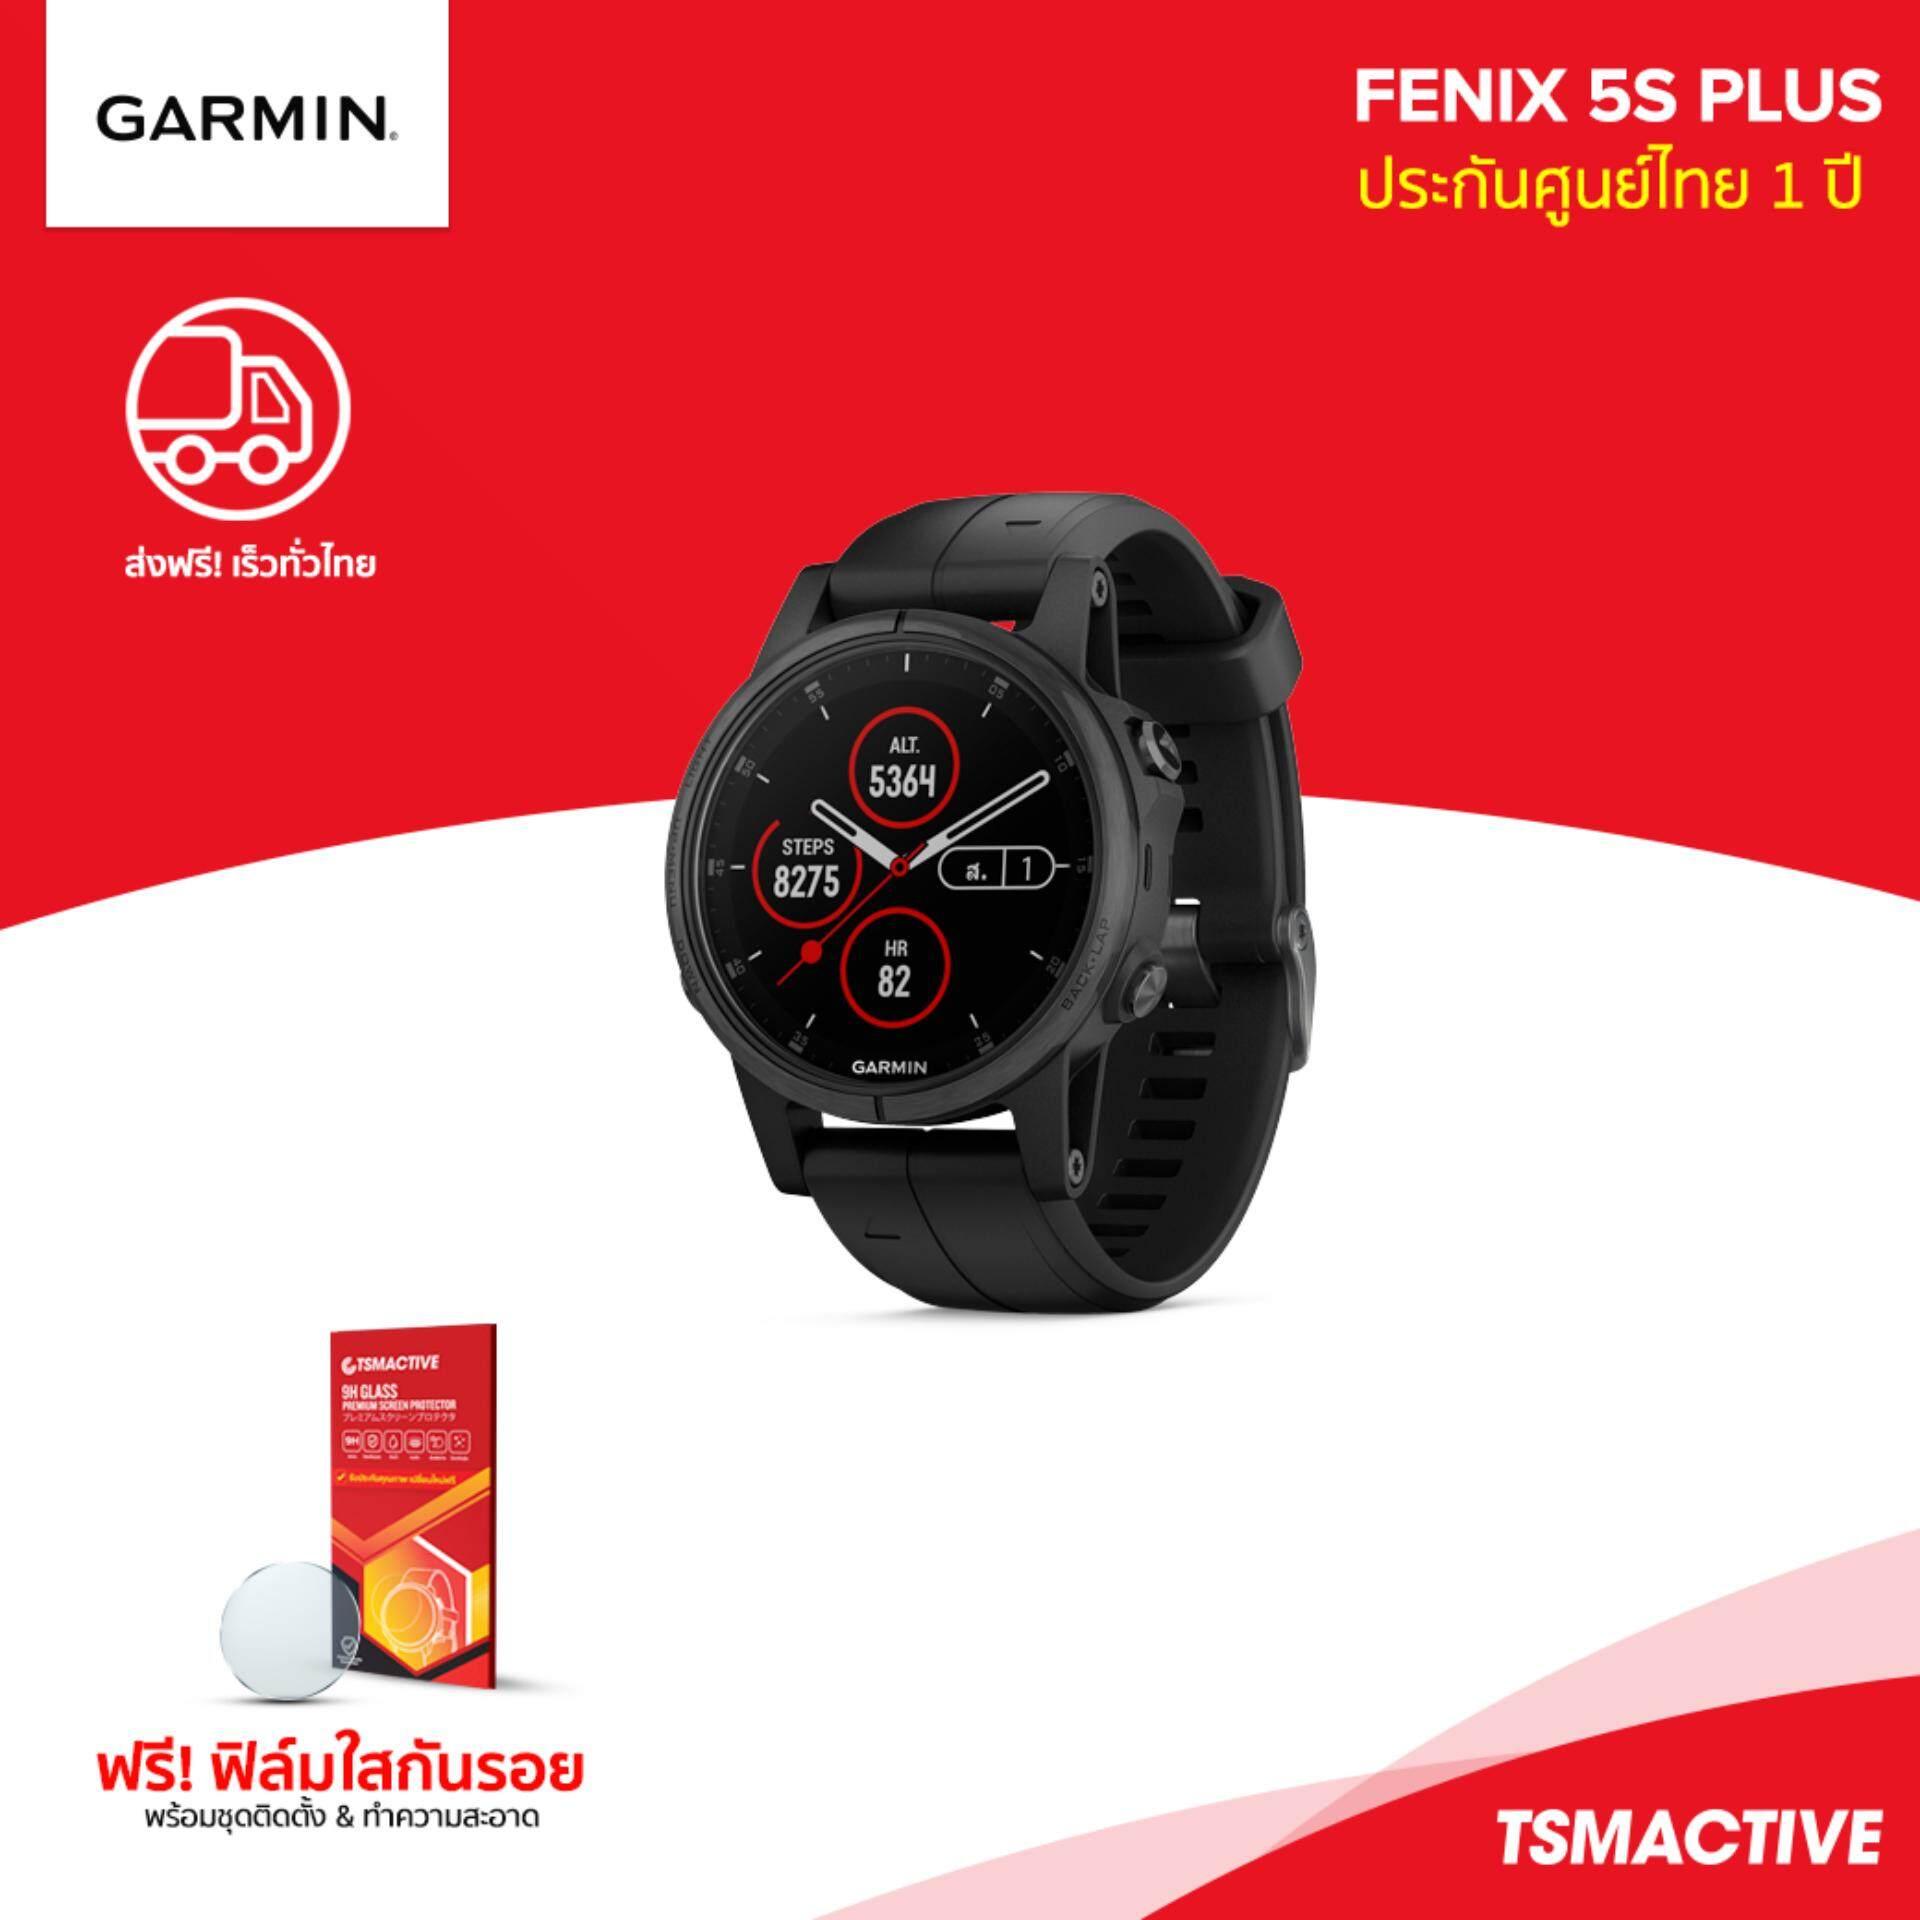 การใช้งาน  อุทัยธานี Garmin Fenix 5S PLUS (ฟรีฟิล์มใสกันรอย) ประกันศูนย์ไทย 1 ปี